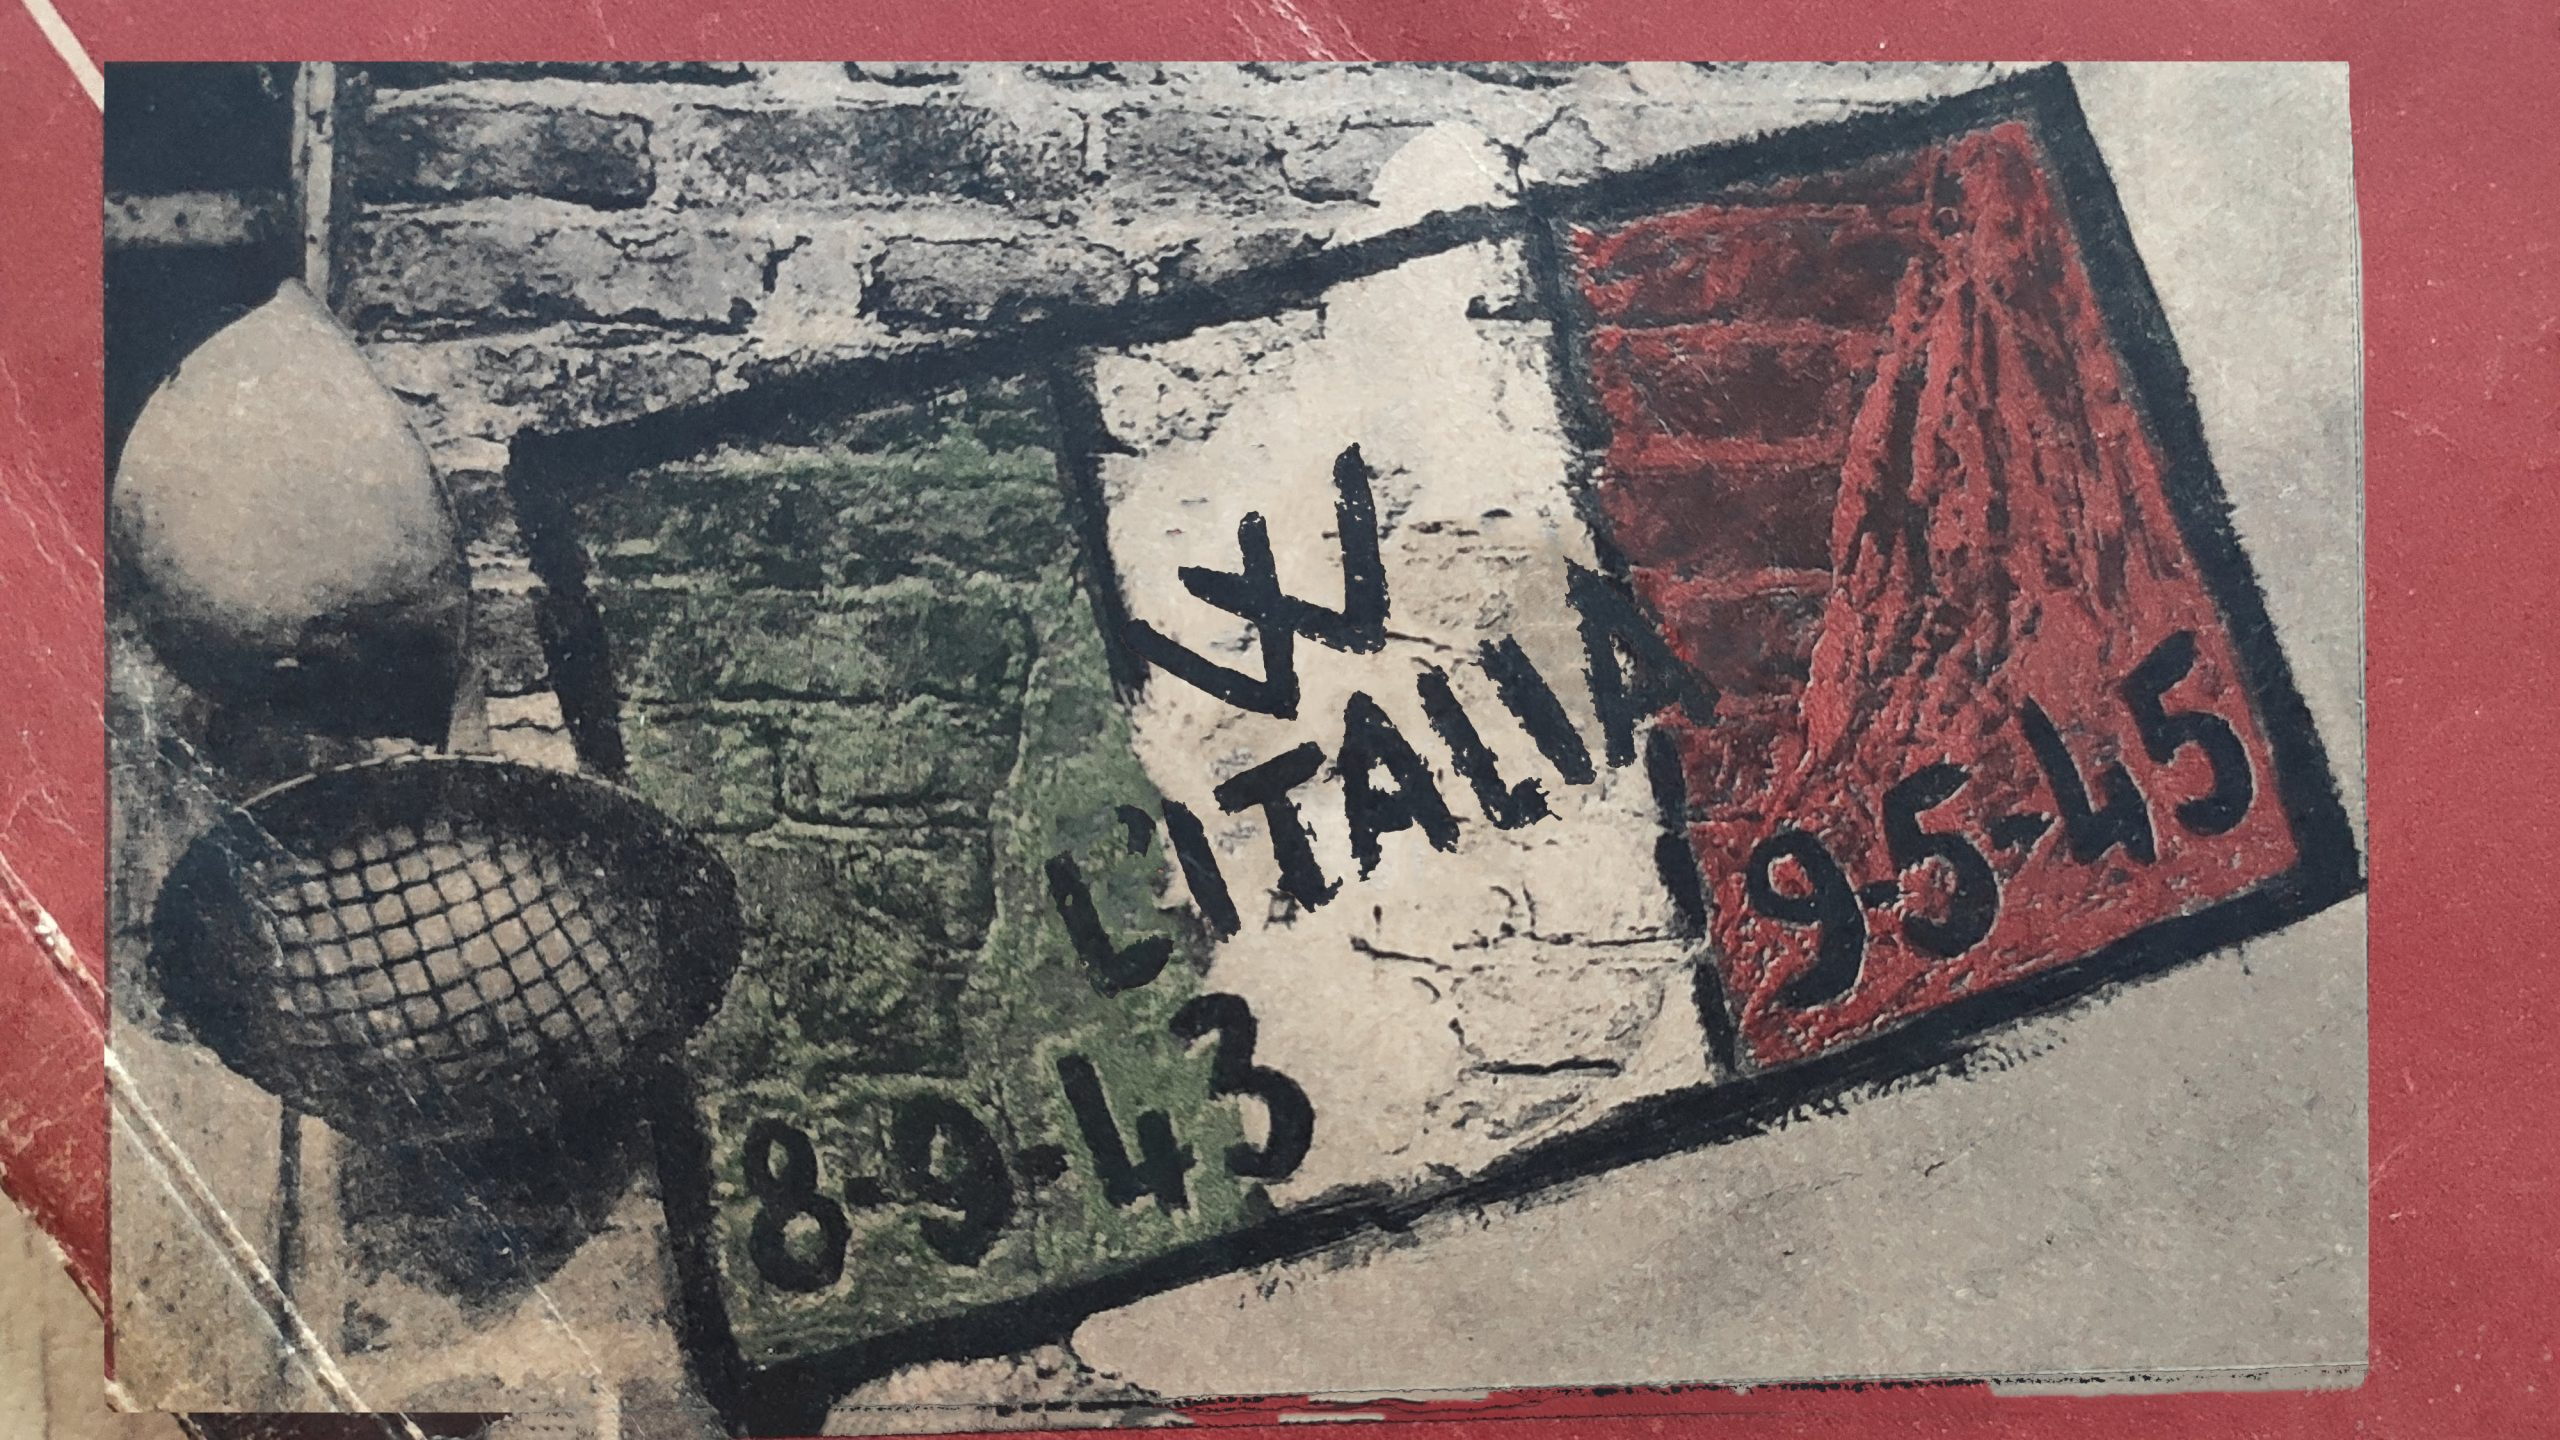 Breve storia della Guerra di liberazione italiana